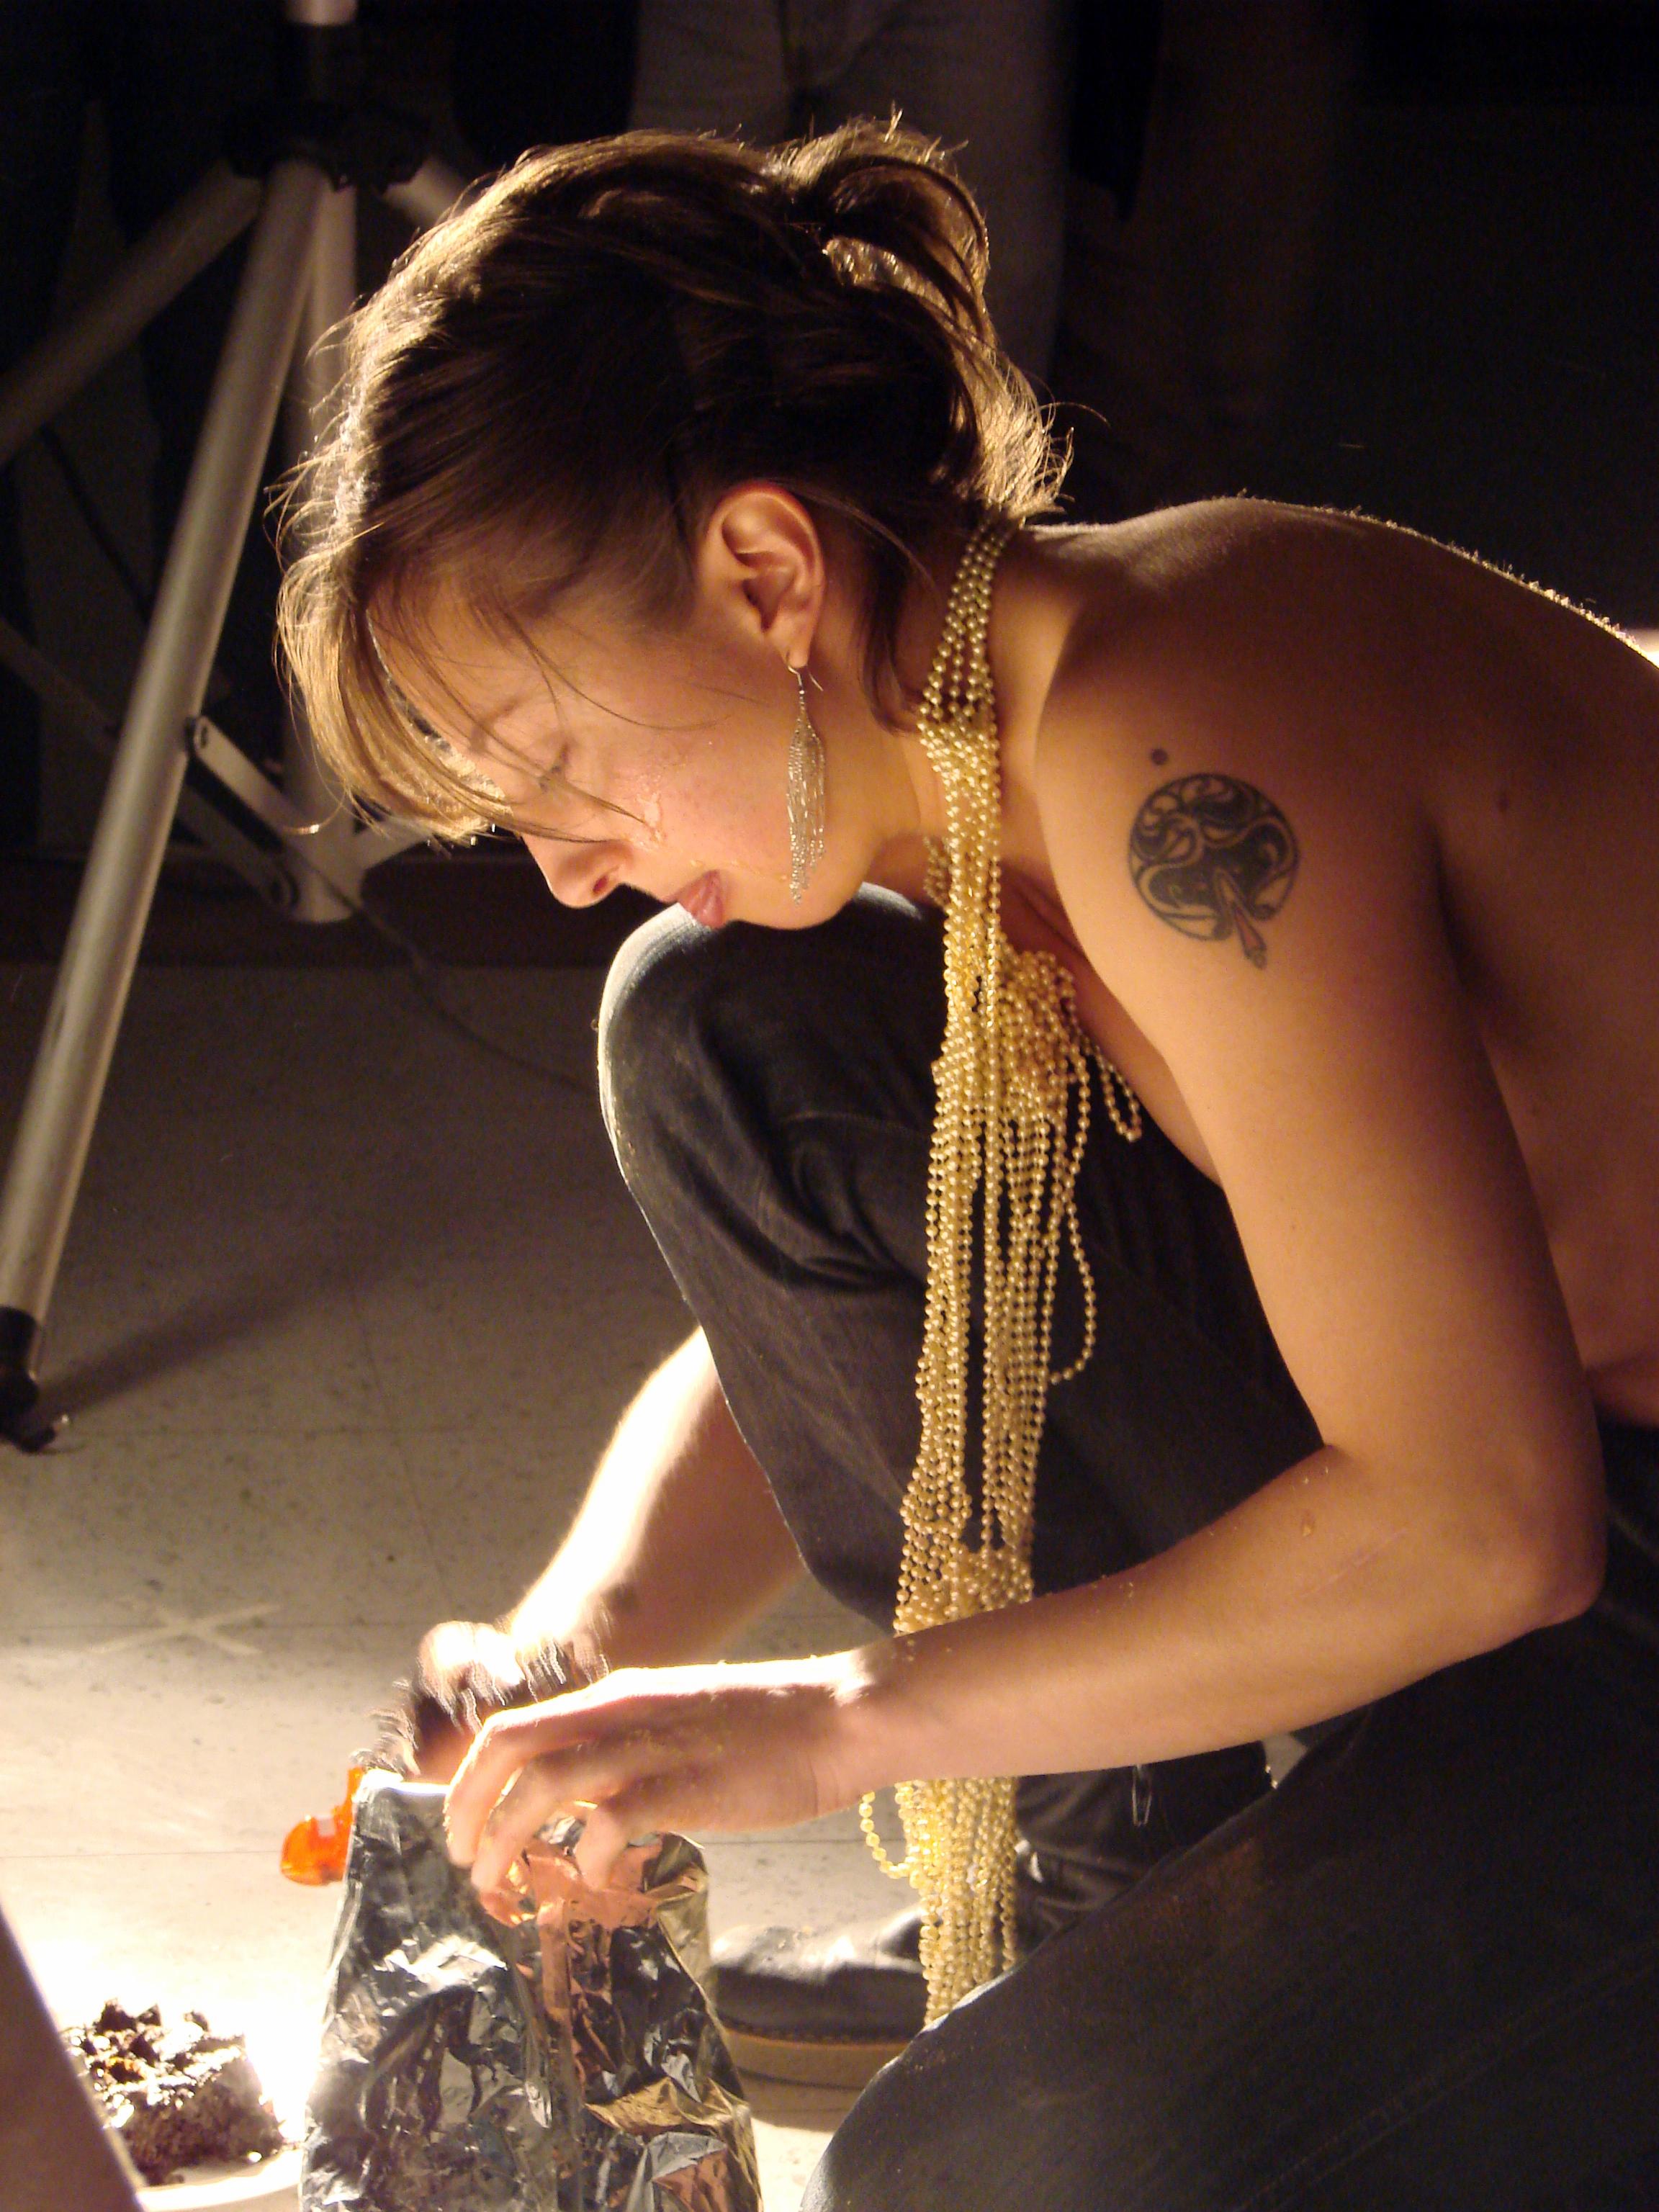 Zoitsa Noriega